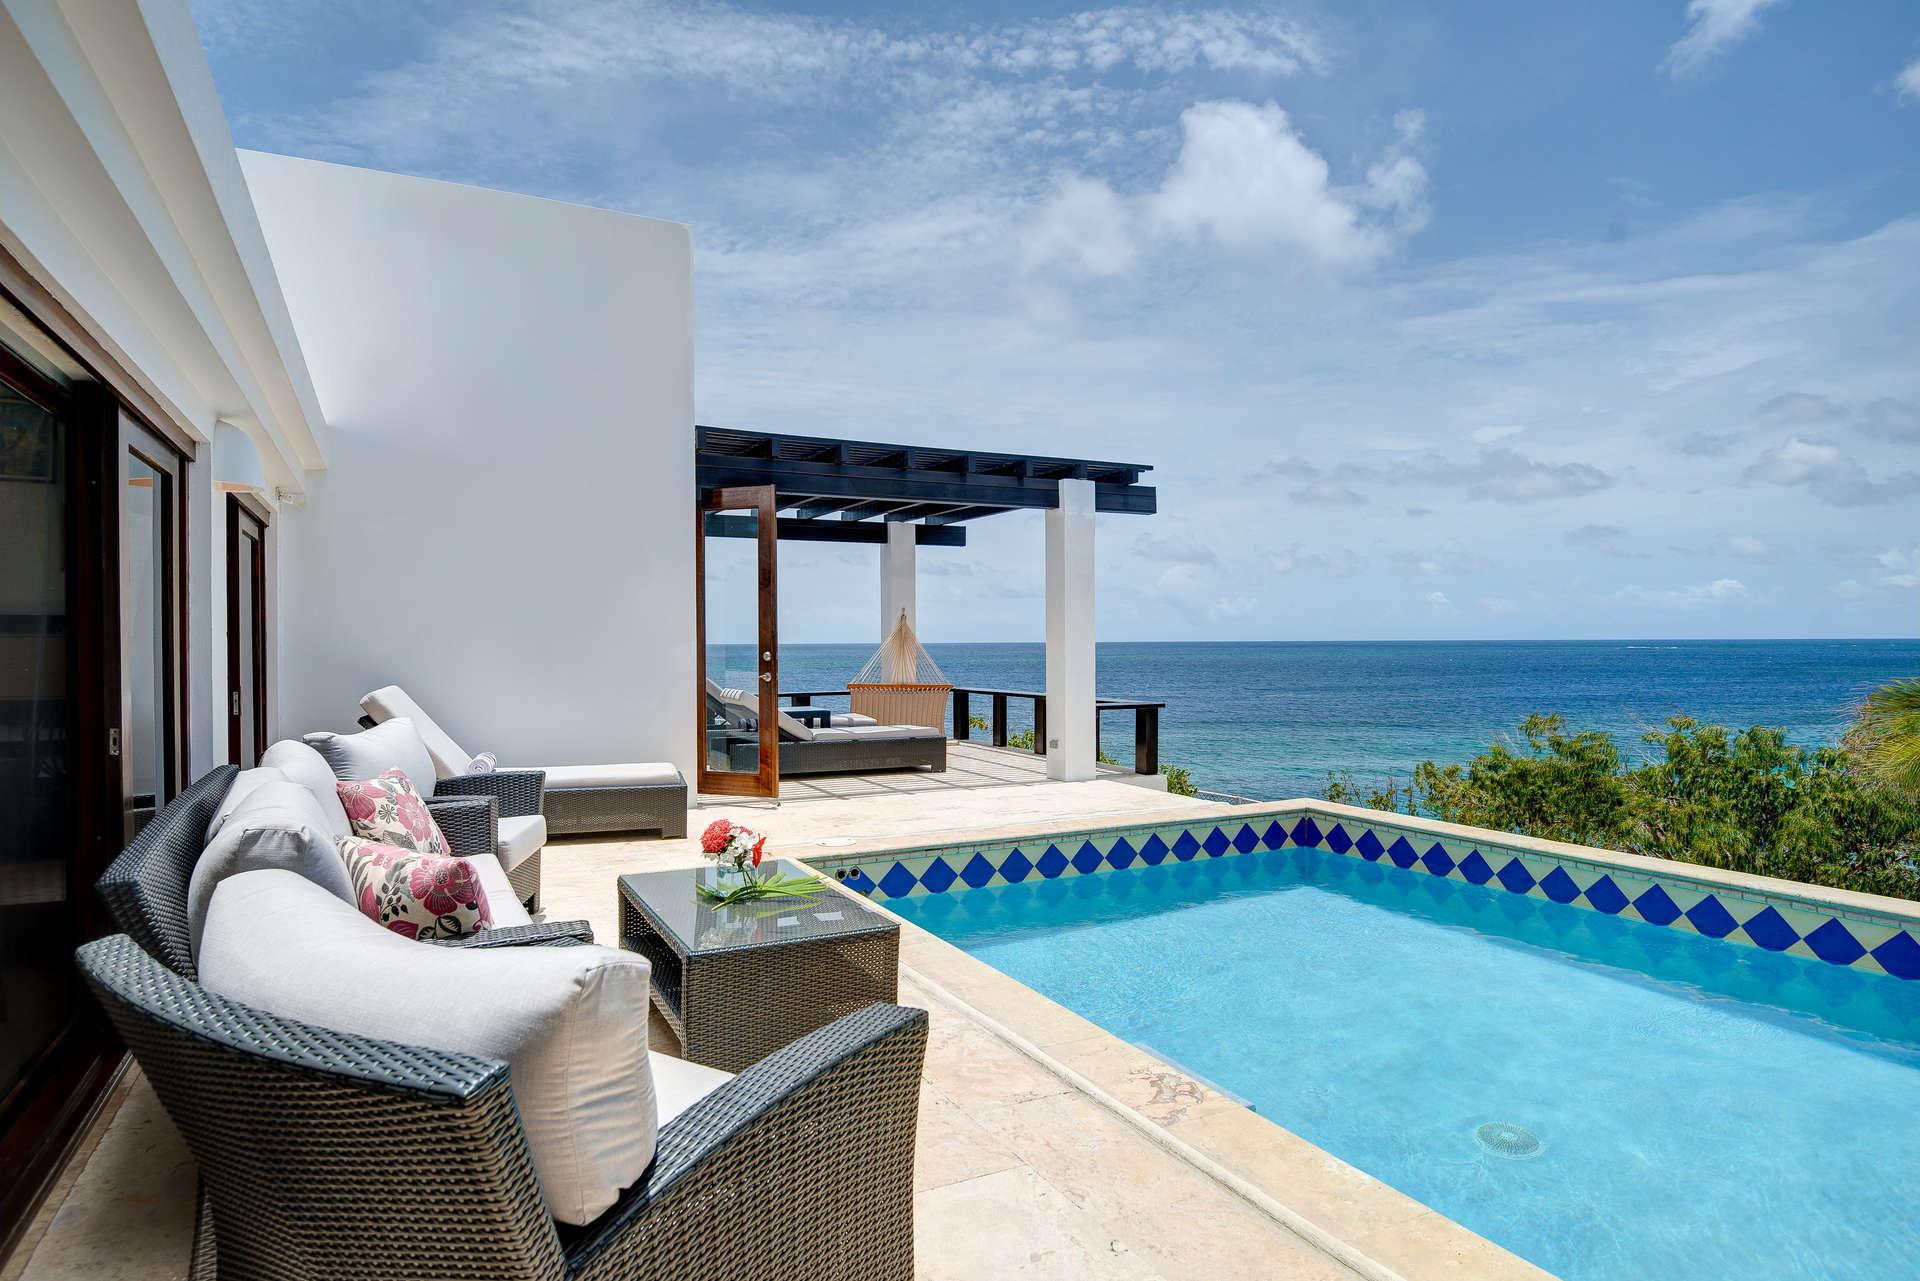 Luxury villa rentals caribbean - Anguilla - Shoal bay village - No location 4 - Waves Villa - Image 1/20